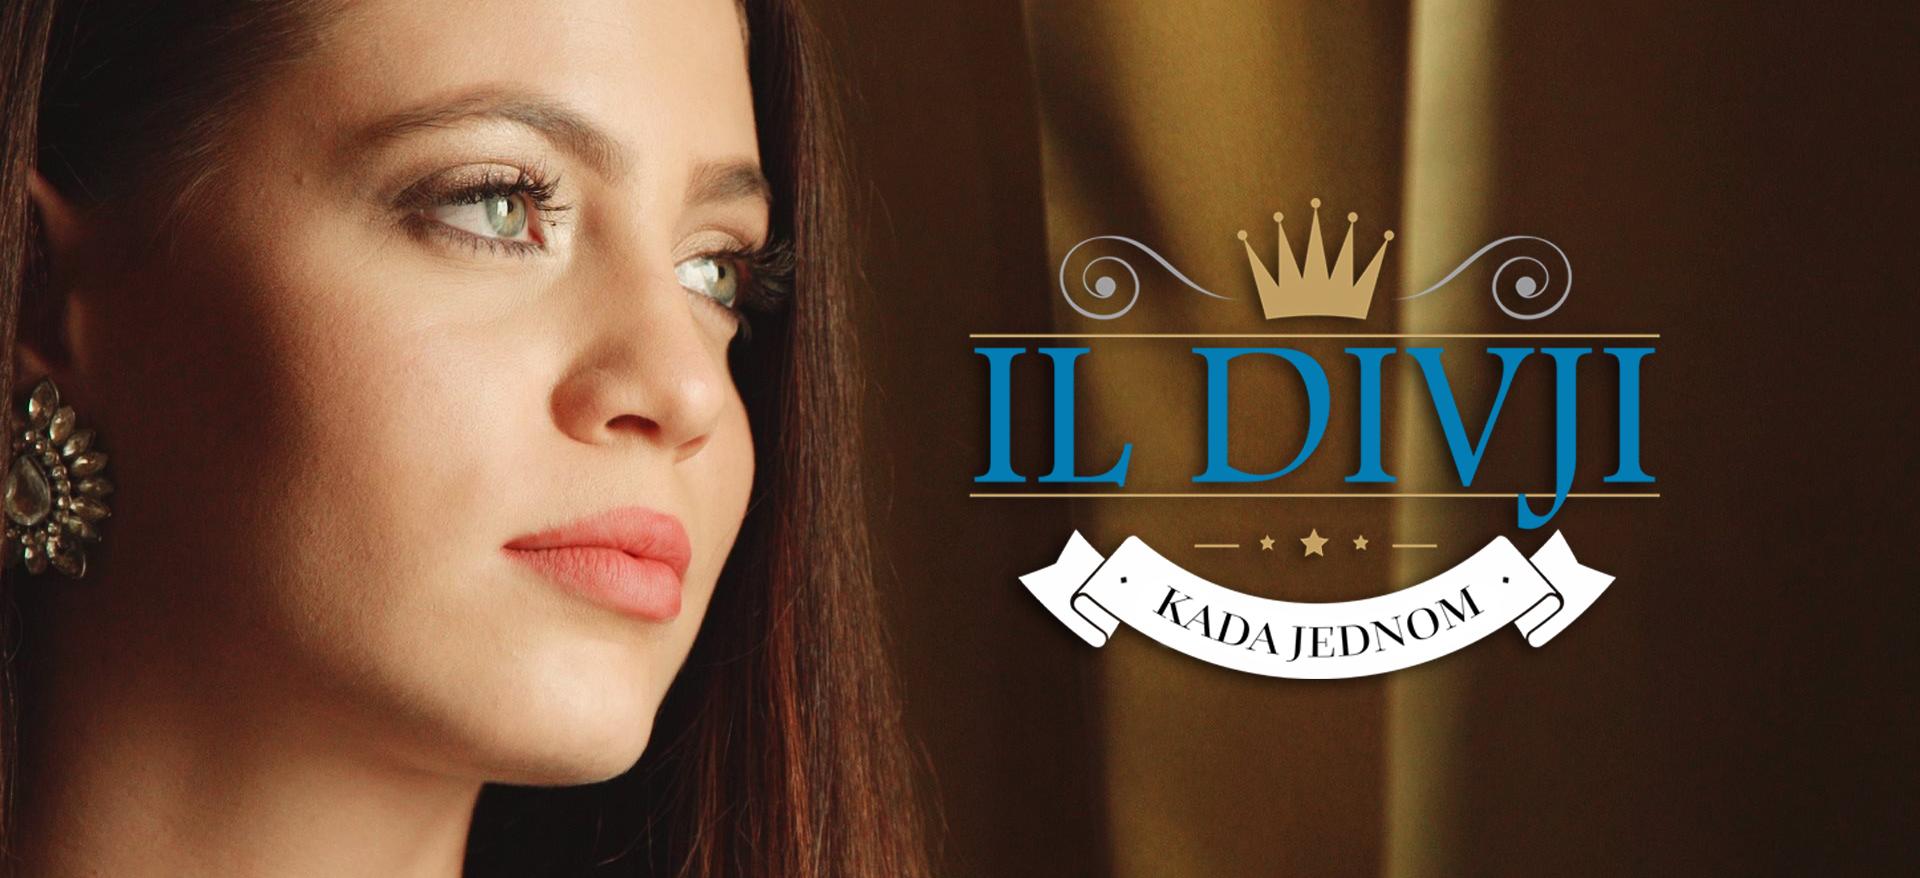 IL DIVJI - Kada jednom (Official Video)